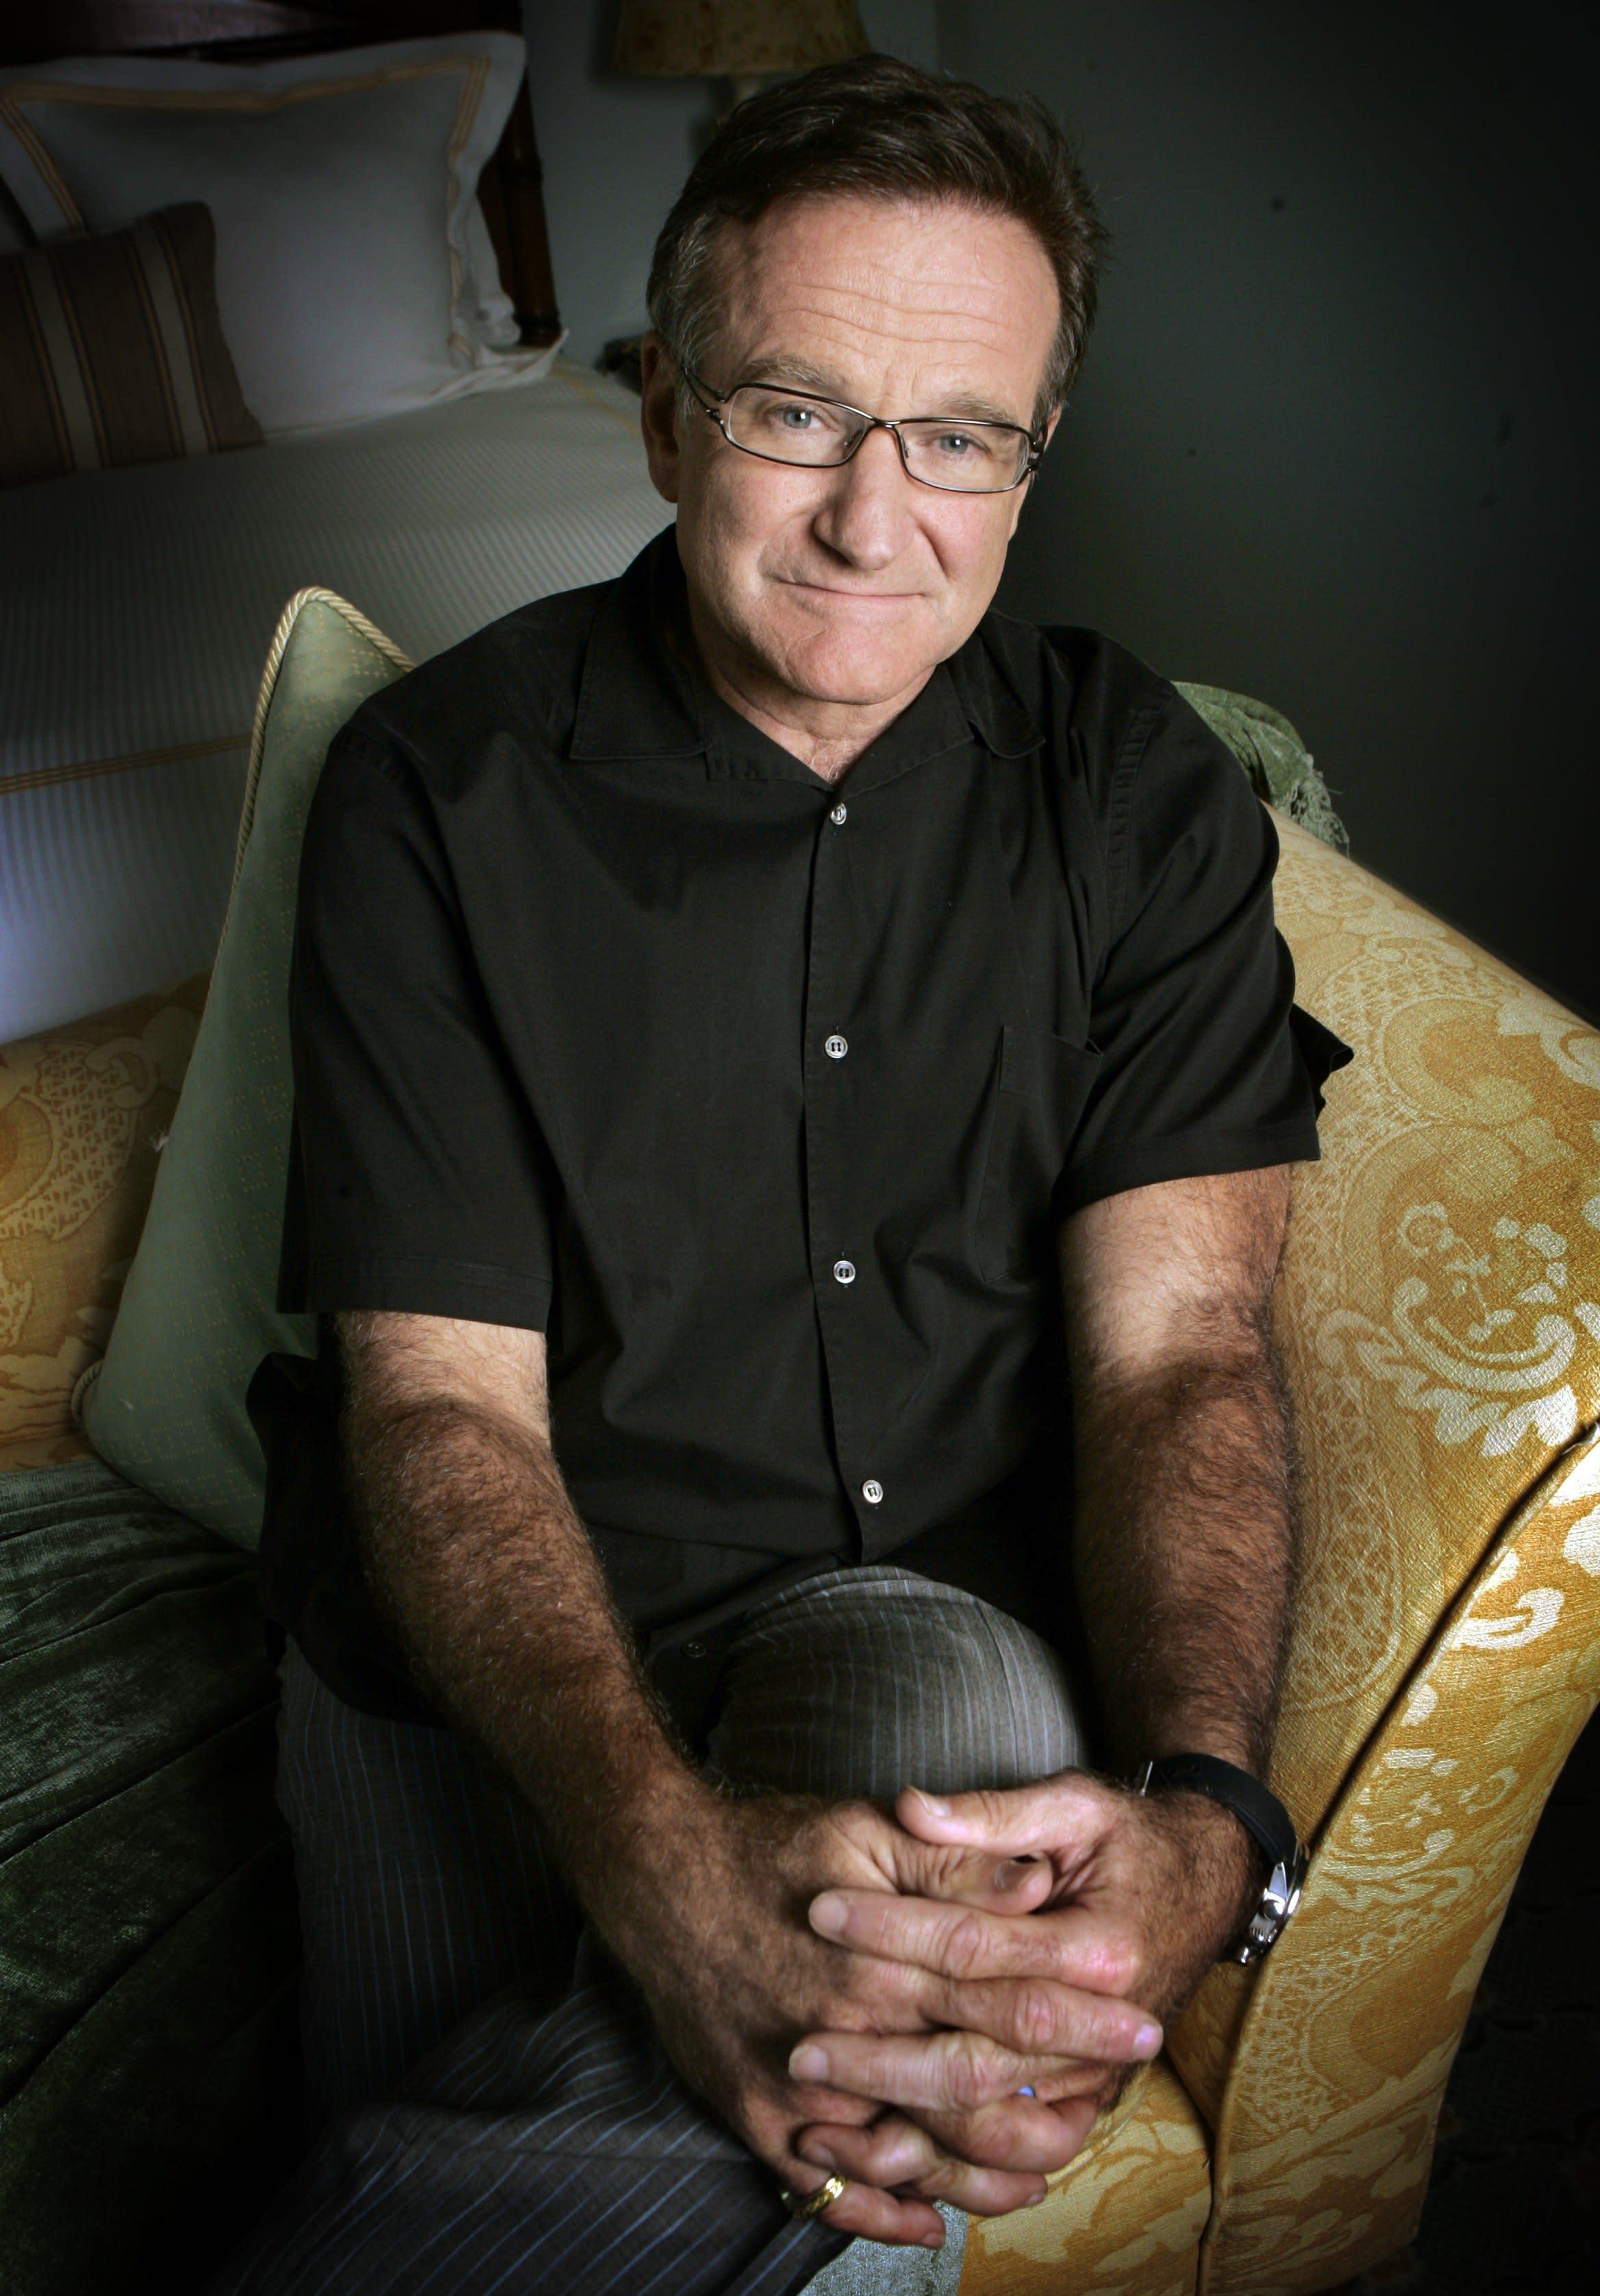 Robin Williams, manic comedy star, dead at 63